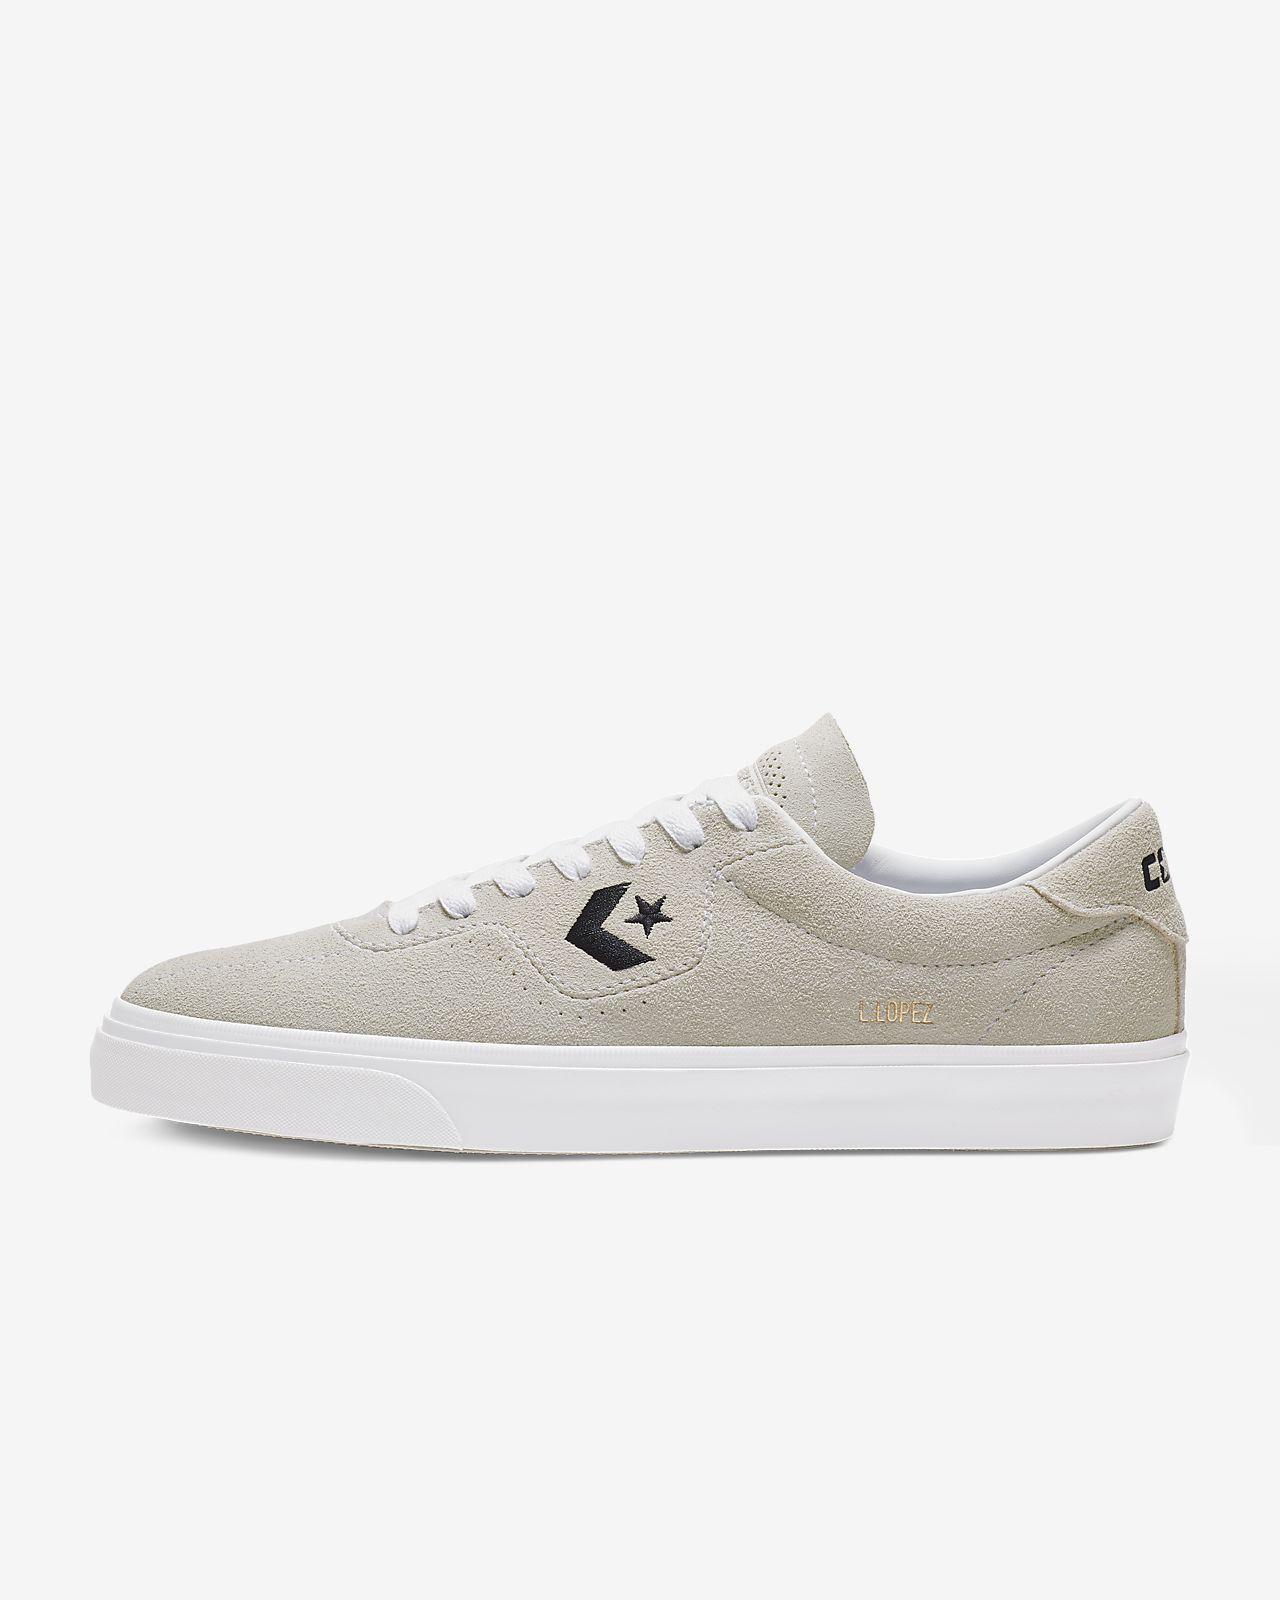 Converse Louie Lopez Pro Low Top Men's Shoe